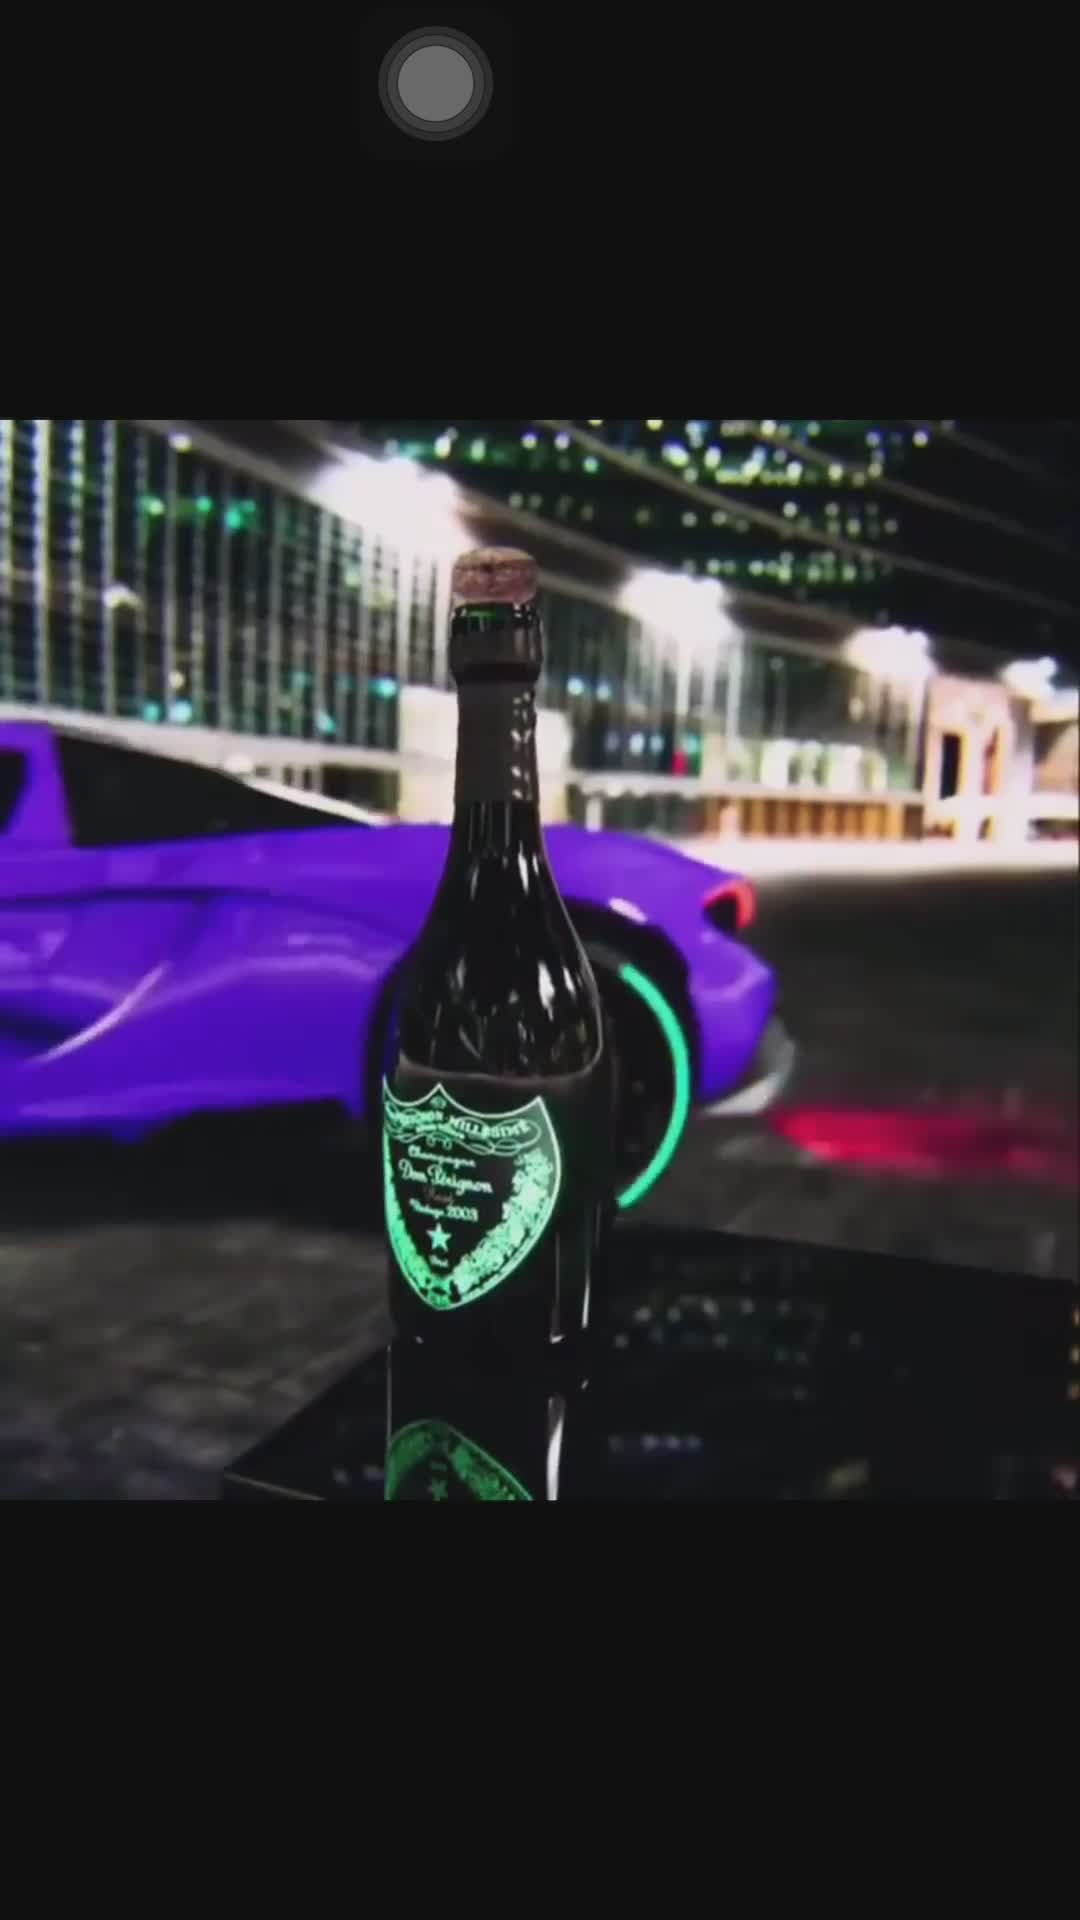 Đây là cách siêu xe theo trend 'đá tung nắp chai'